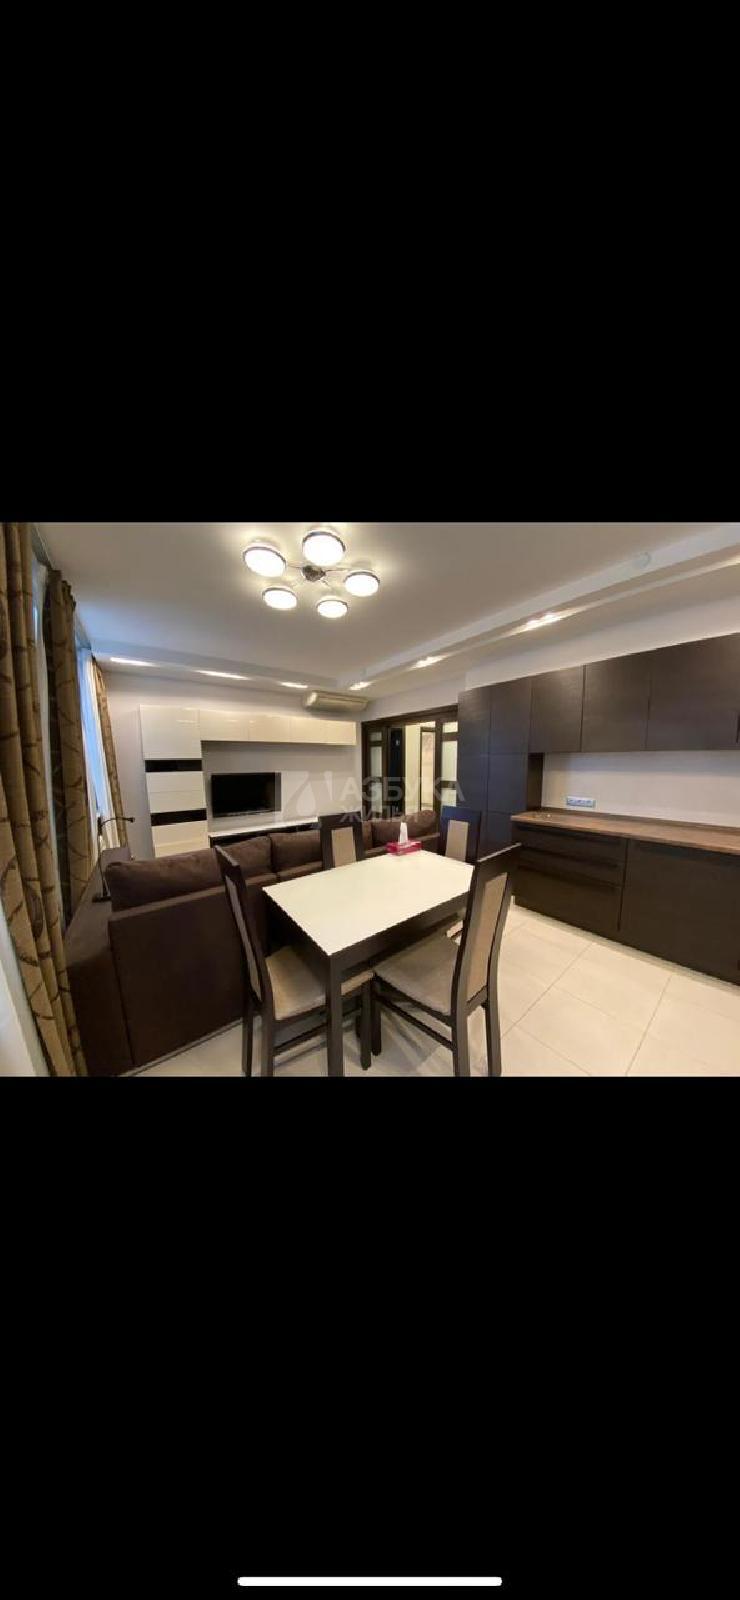 Фото №1 - 2-комнатная квартира, Москва, Хорошевское шоссе 12 корпус 1, метро Беговая